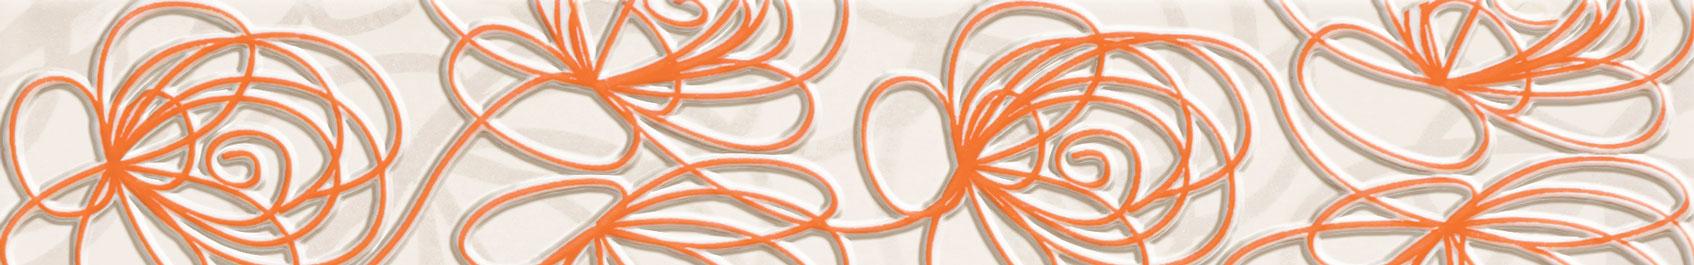 Wave Modern orange